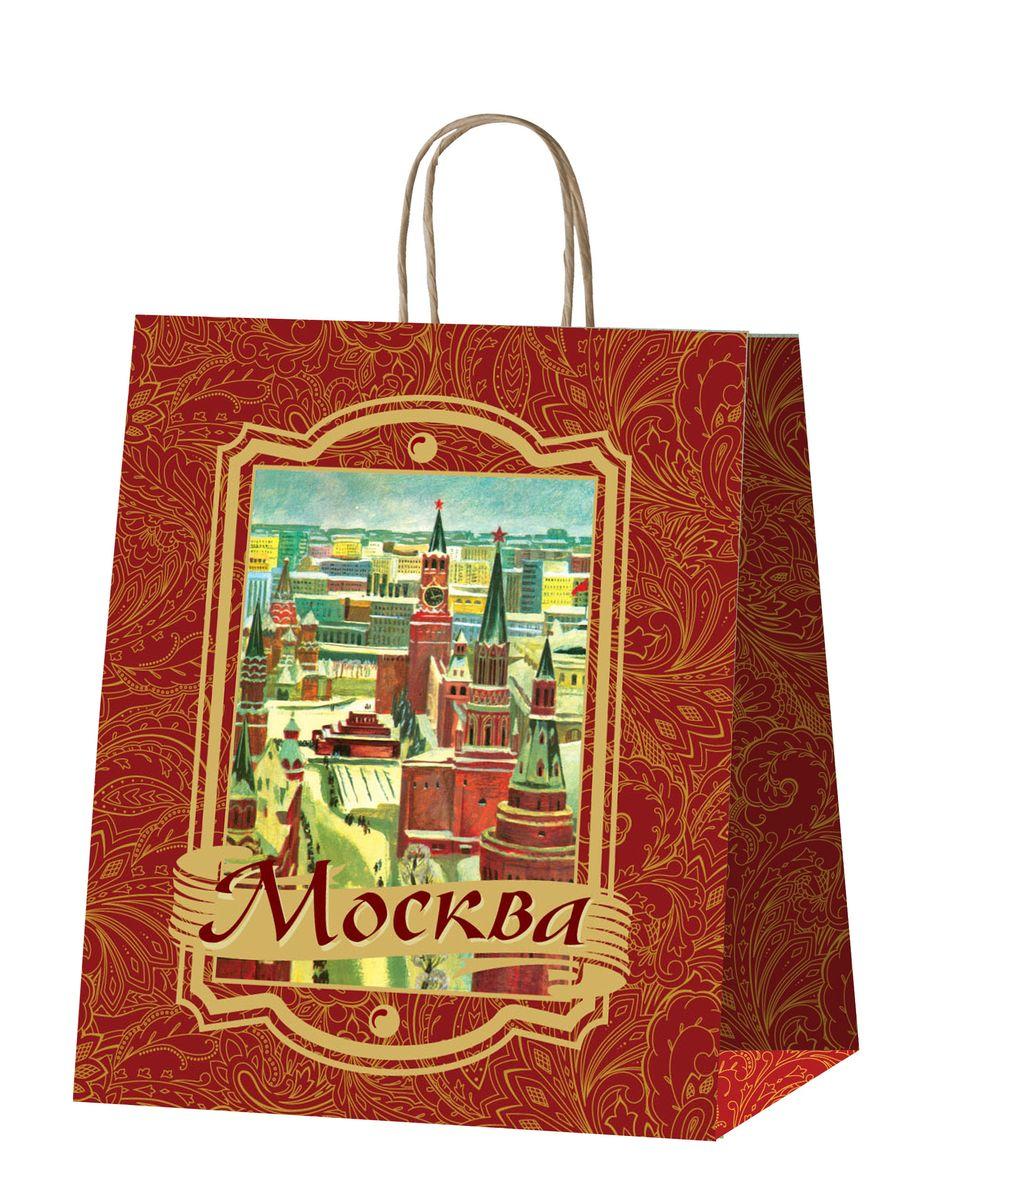 Пакет подарочный Даринчи, ручной работы, №16Пакет 16Бумажный подарочный пакет